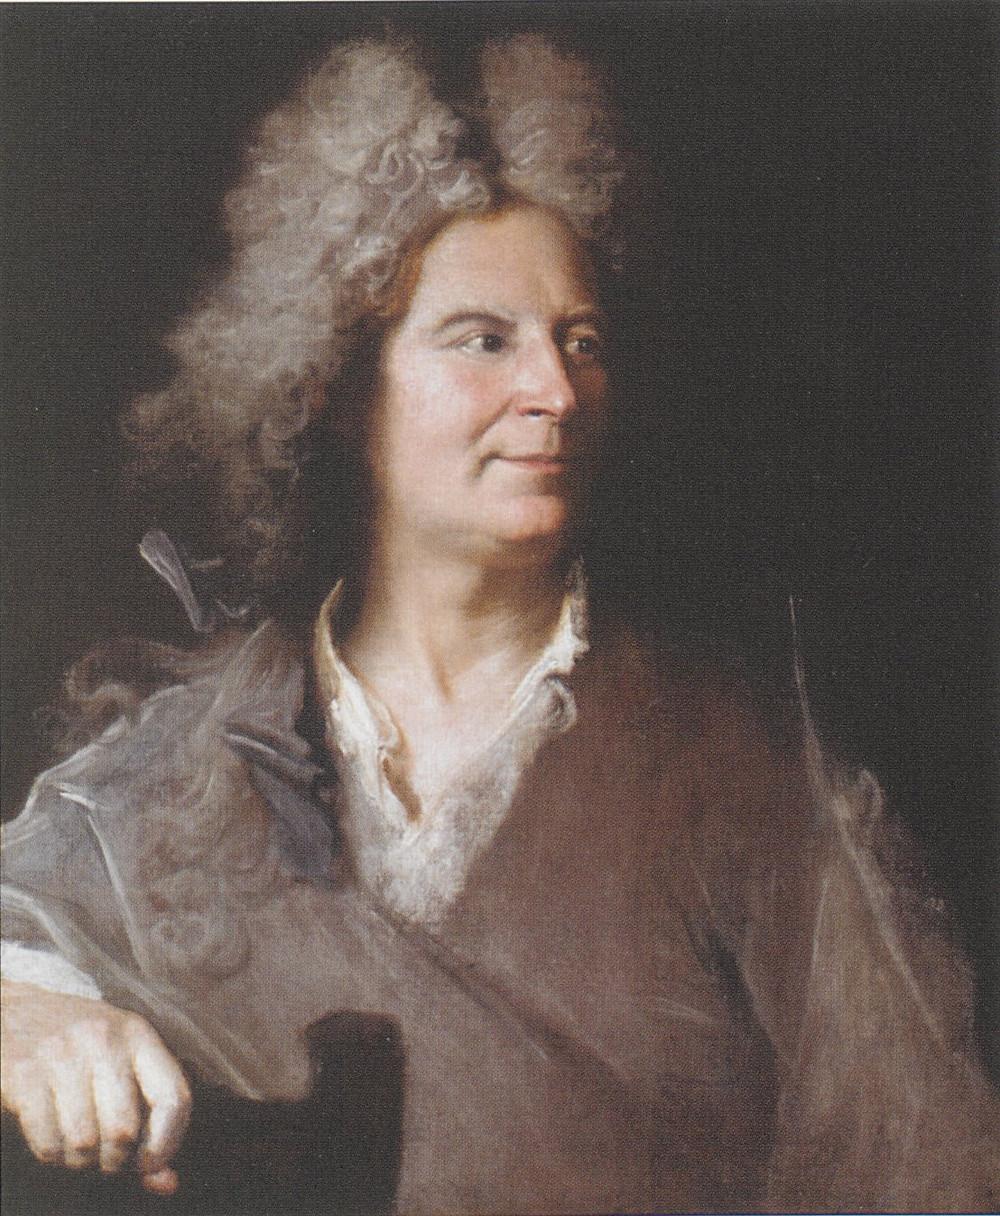 Hyacinthe Rigaud, Portrait d'un sculpteur inconnu, vers 1700-1705, collection particulière